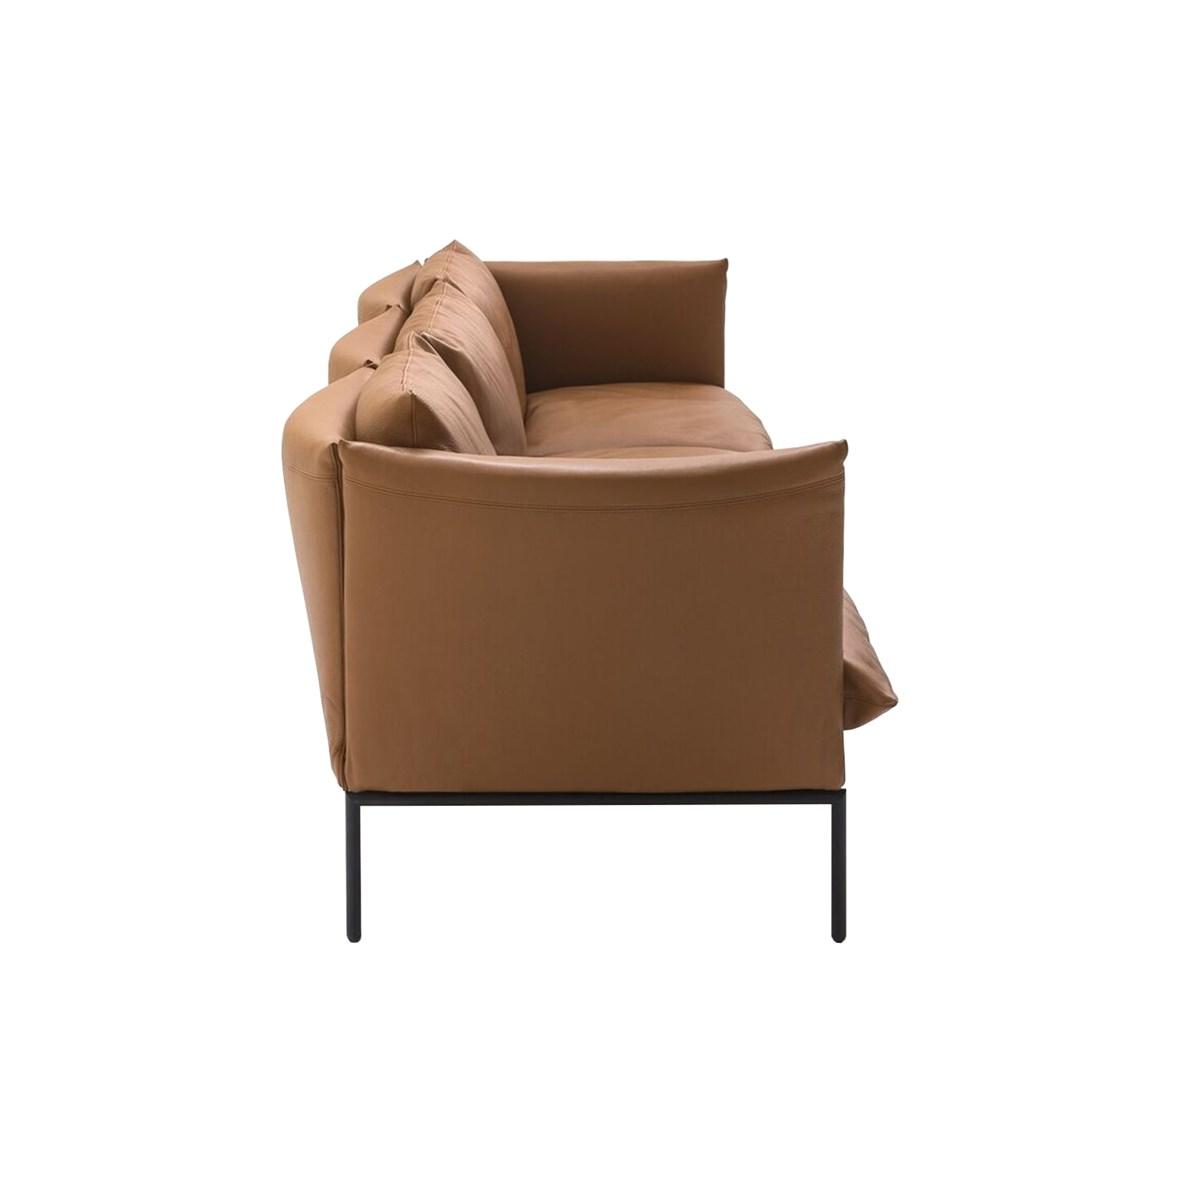 Moroso-Patricia-UrquiolaGentry-Extra-Light-Sofa-Matisse-3